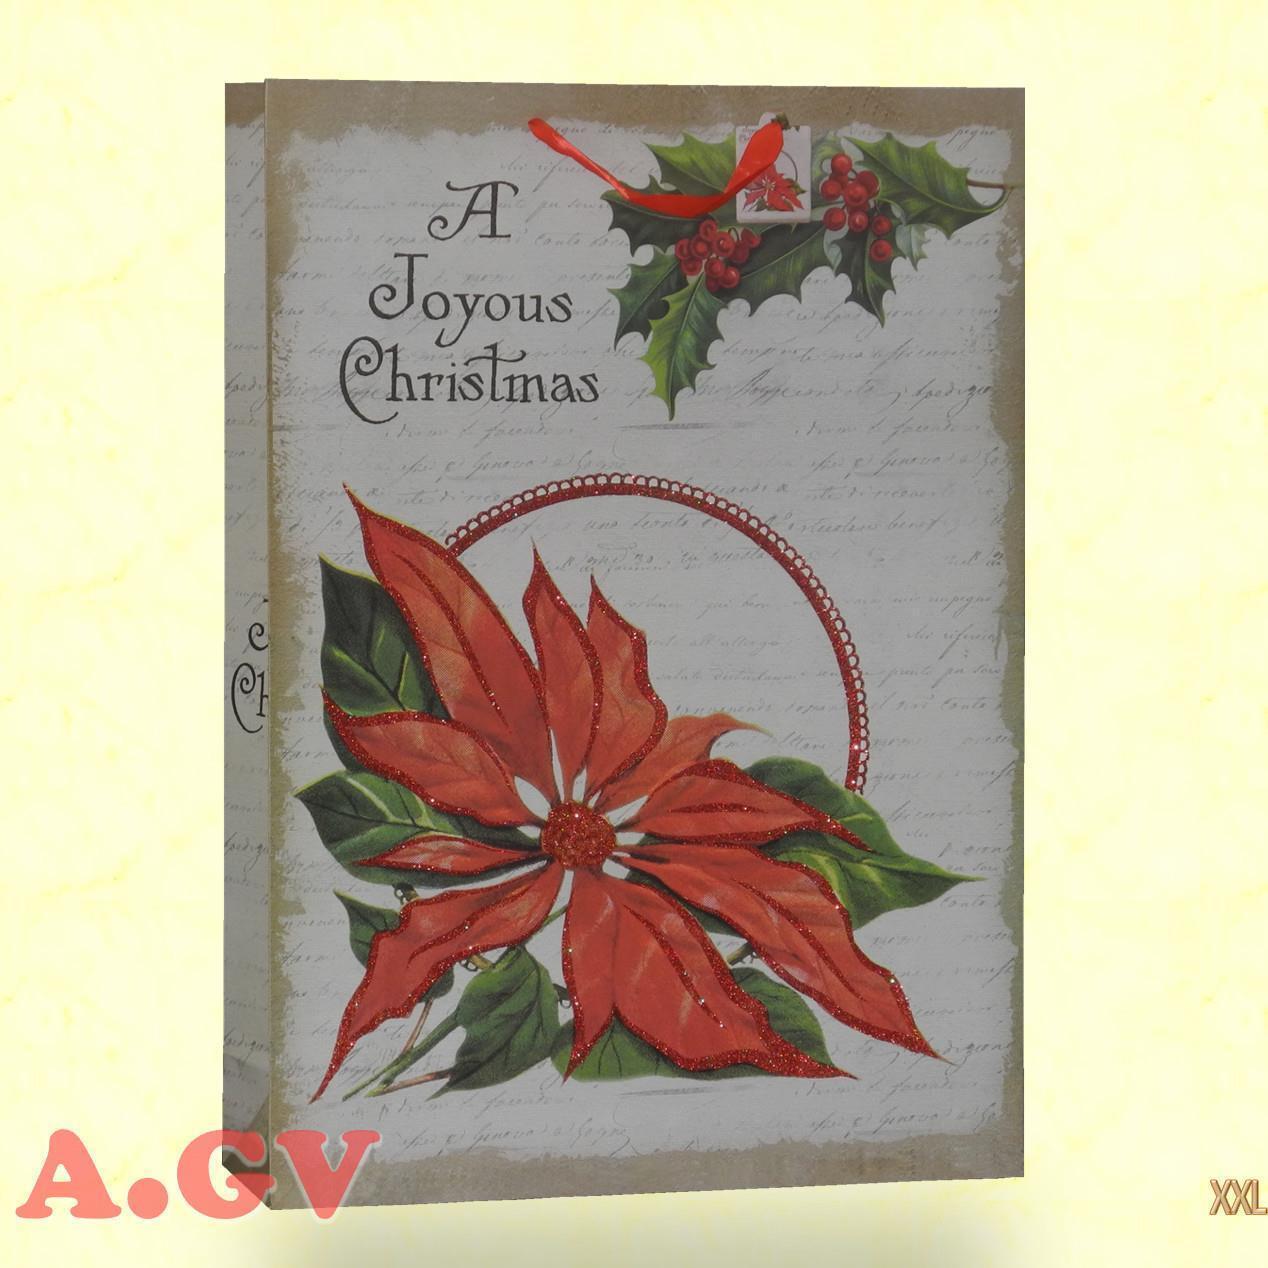 60 Weihnachtstasche Weihnachtstüte Geschenktüte 200 g m² 50x70 Papiertragetasche